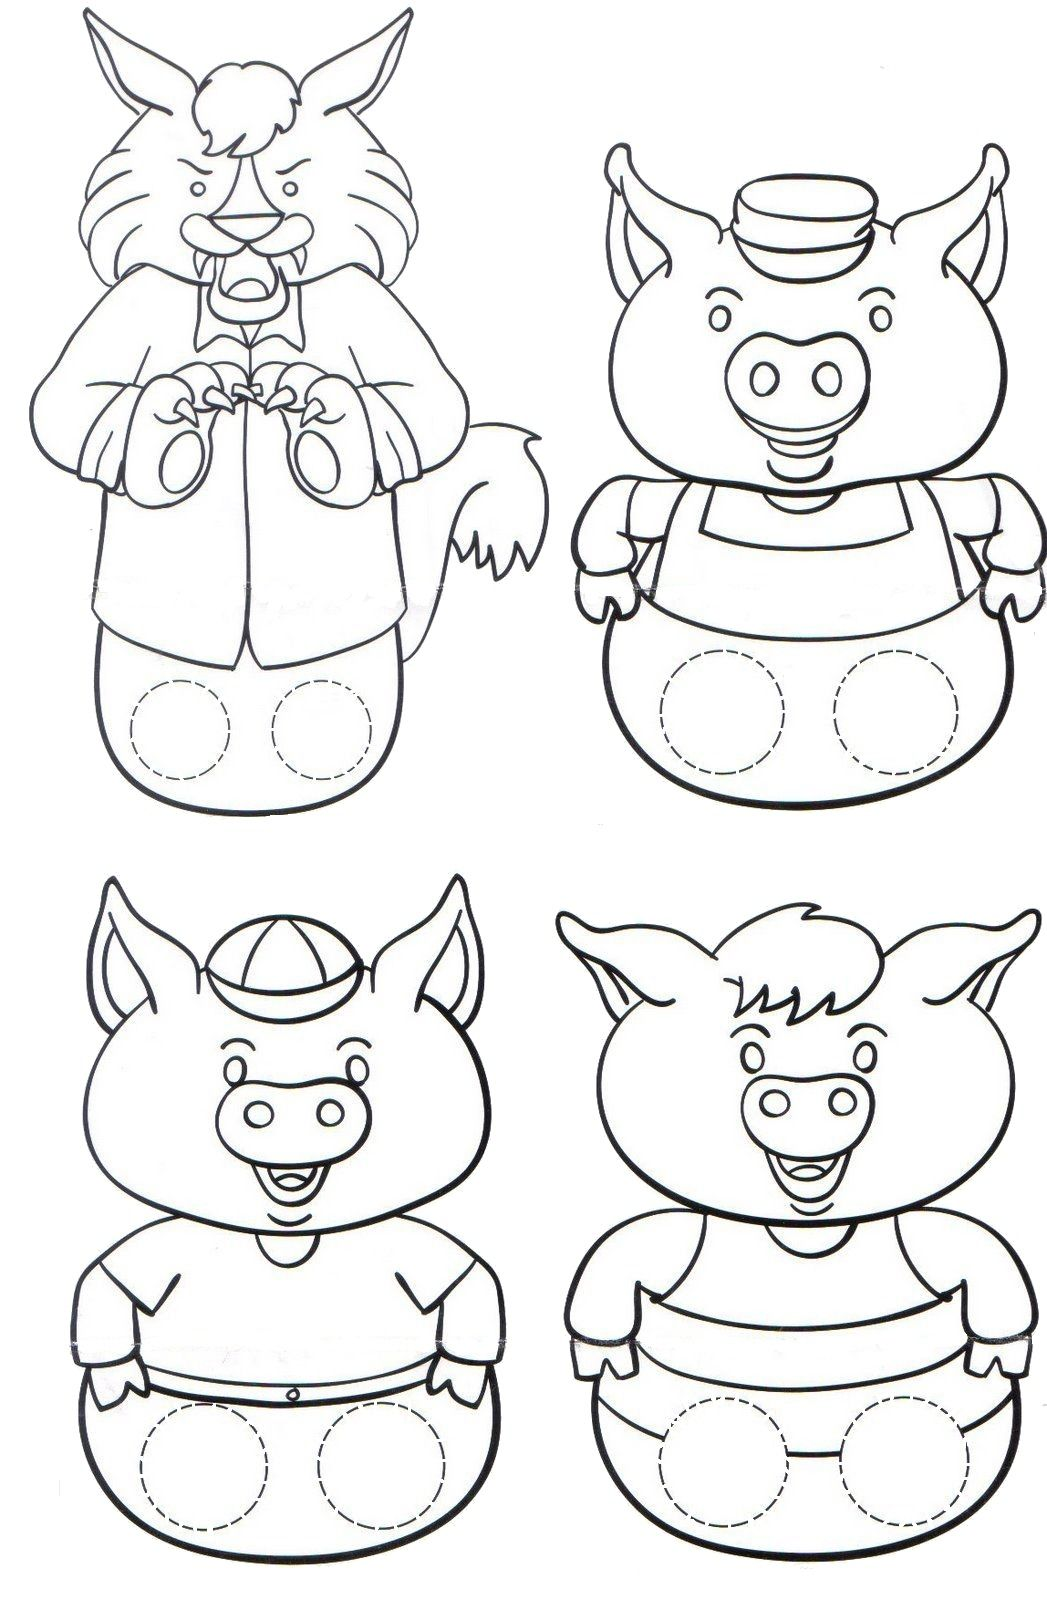 Dibujos para colorear de los tres cerditos y el lobo - Dibujos ...